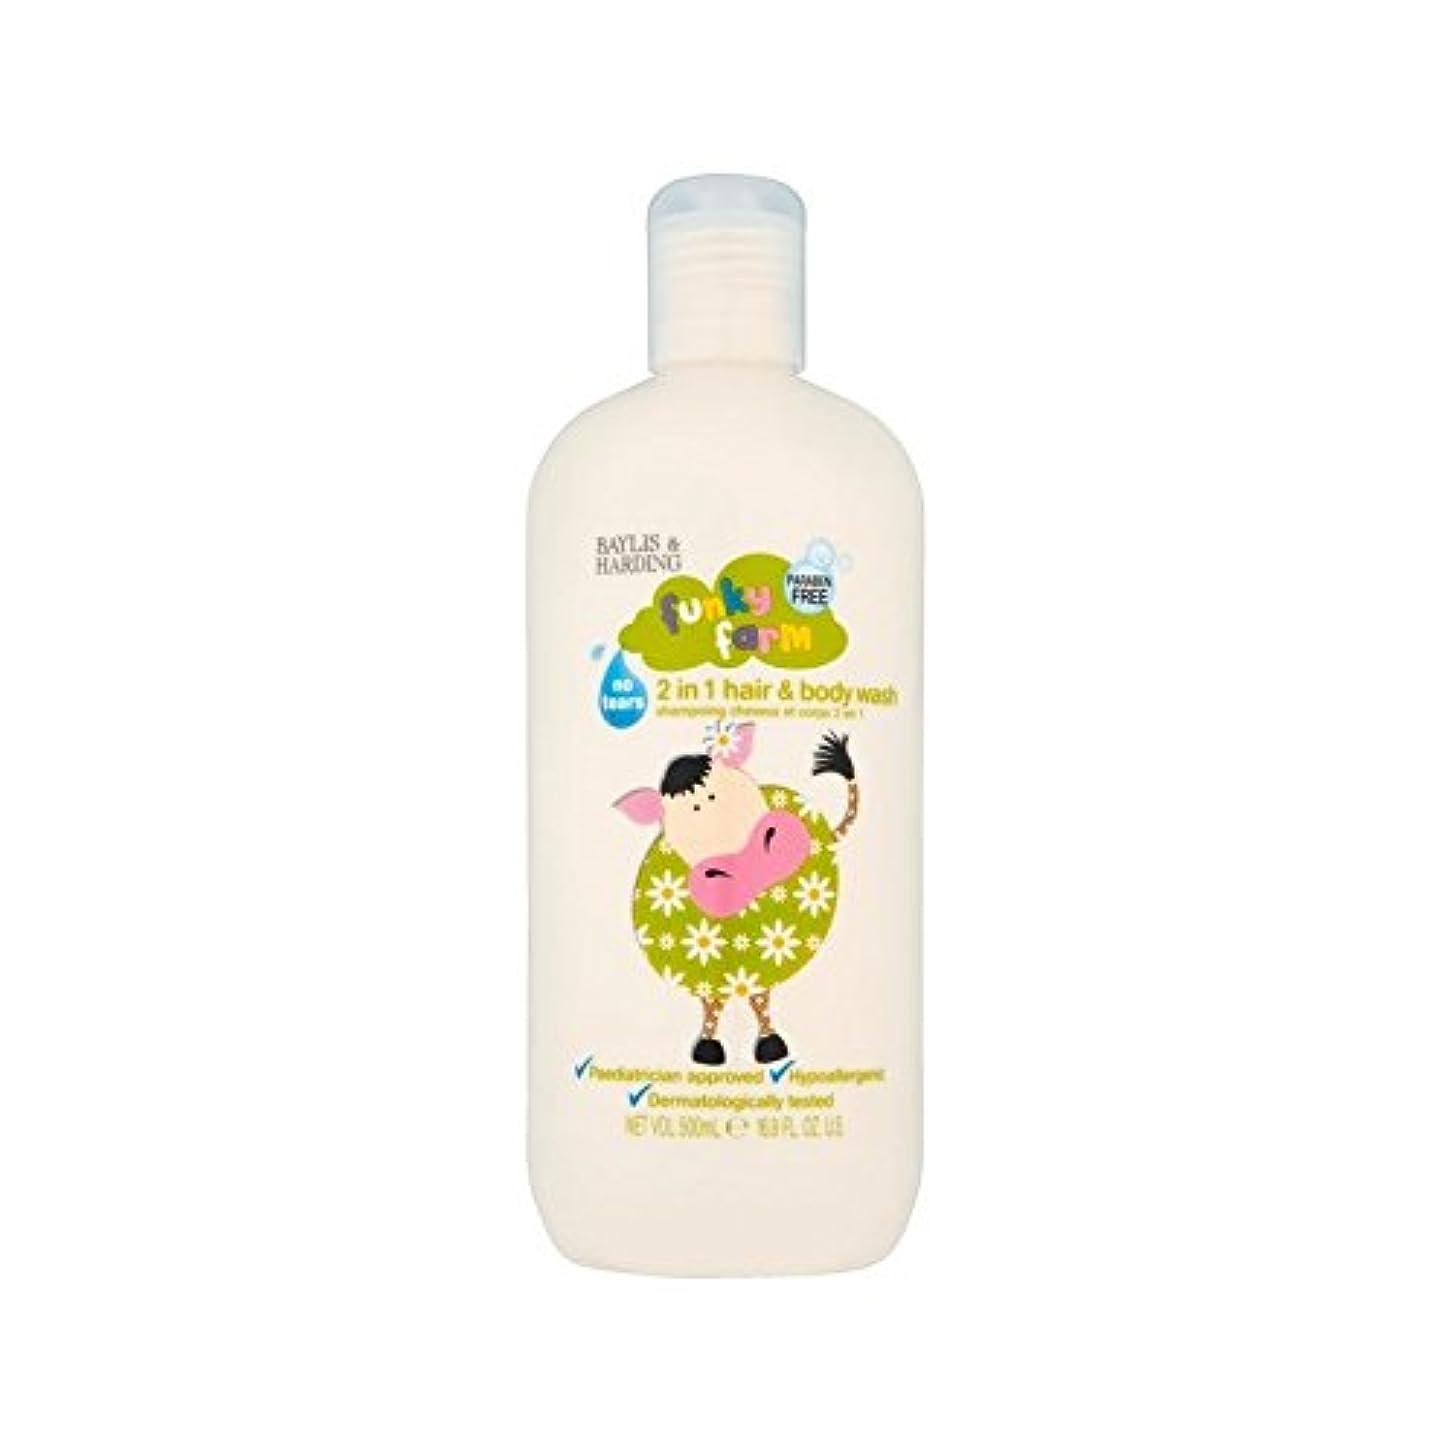 セールキュービック志すファンキーファームのヘア&ボディウォッシュ500ミリリットル (Baylis & Harding) (x 6) - Baylis & Harding Funky Farm Hair & Body Wash 500ml (Pack of 6) [並行輸入品]